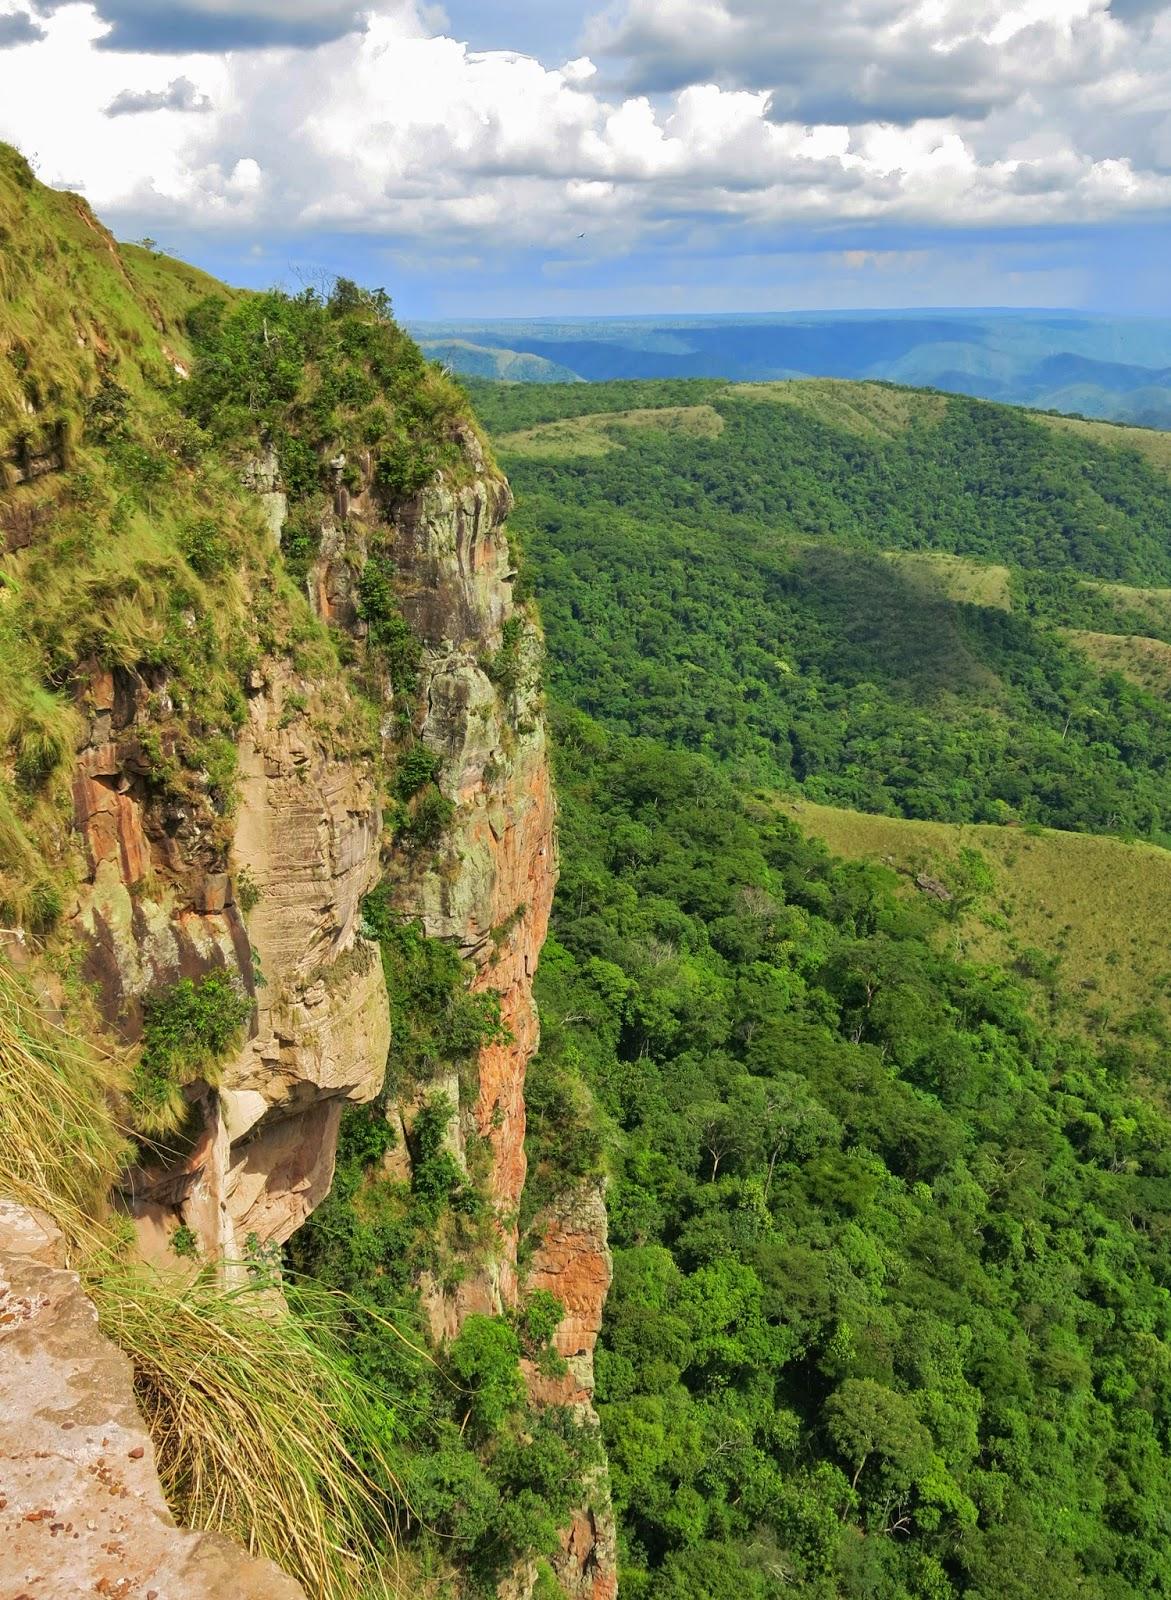 O Centro Geodésico da América do Sul, na Chapada dos Guimarães.